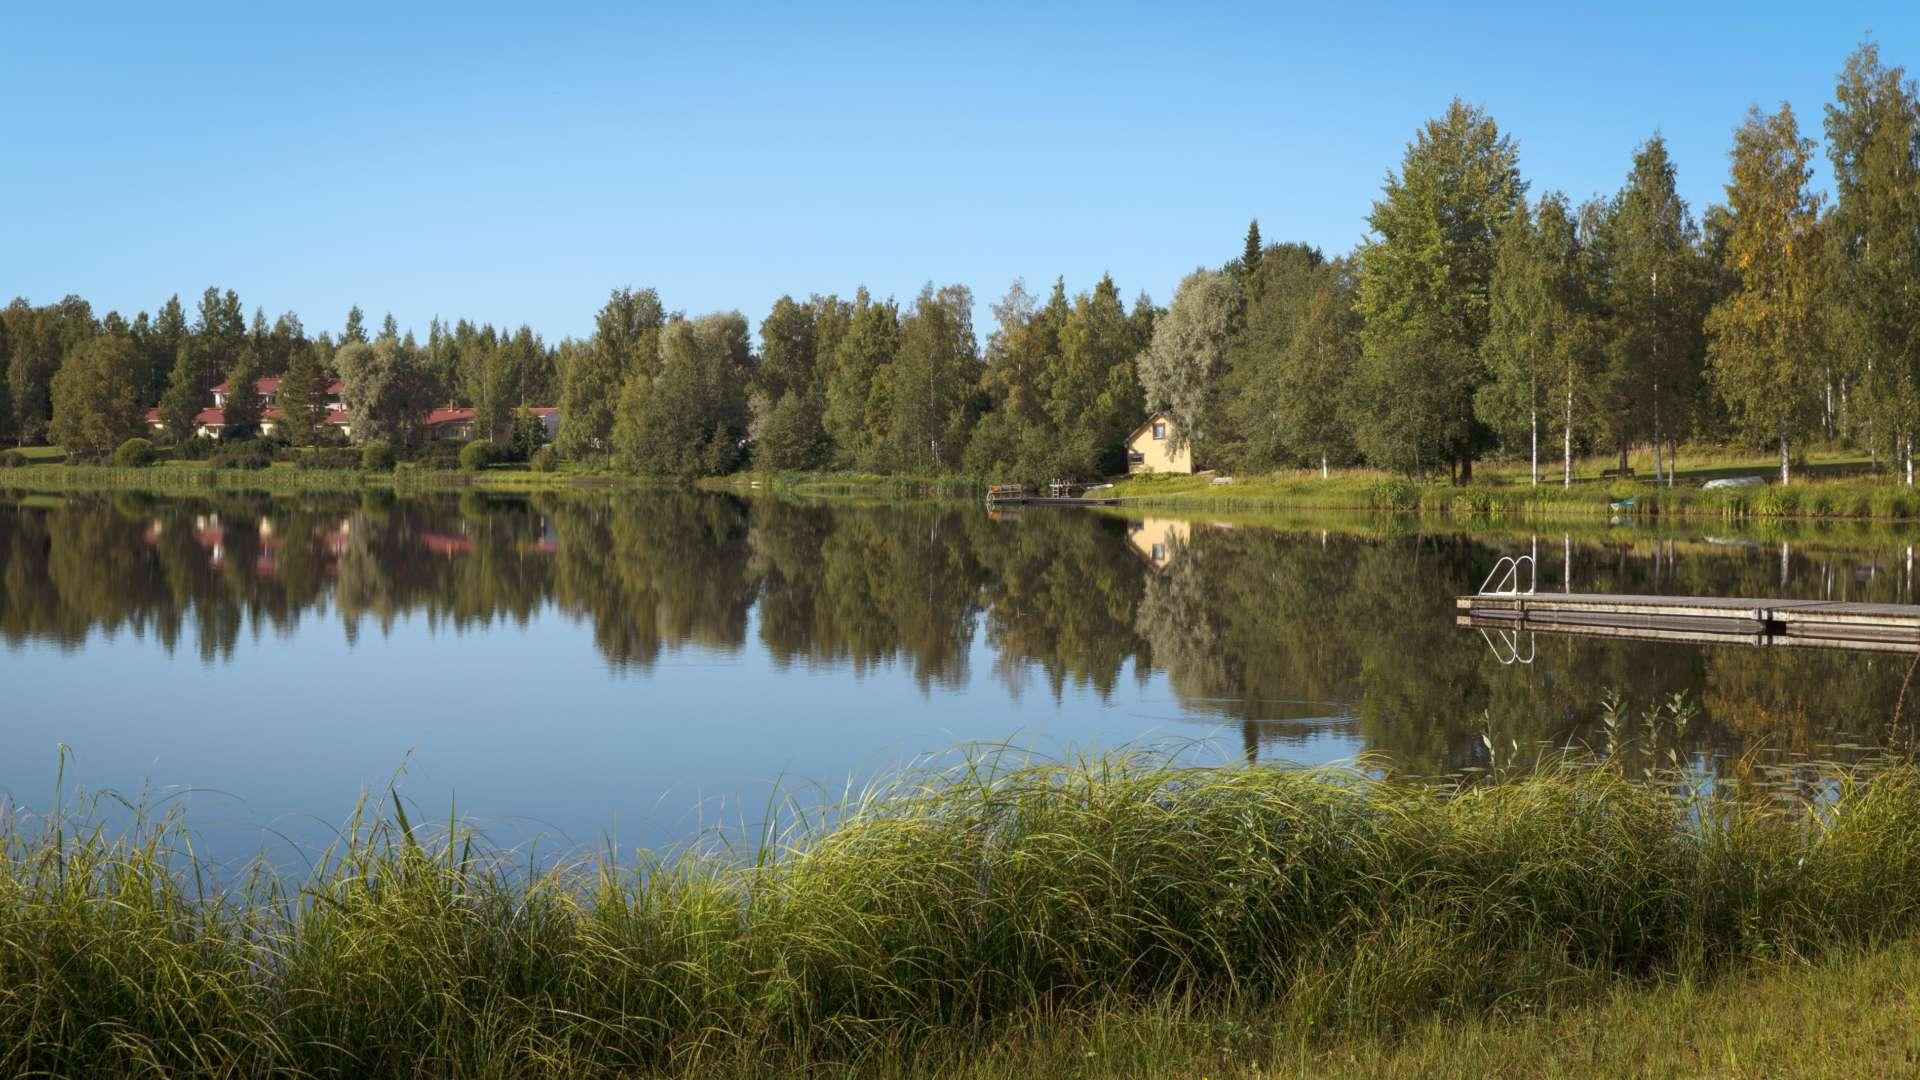 Tyyni järvi ja ympäristö kesällä. Järven rannalla on kaksi laituria. Järven vastarannalla on puita ja talo.